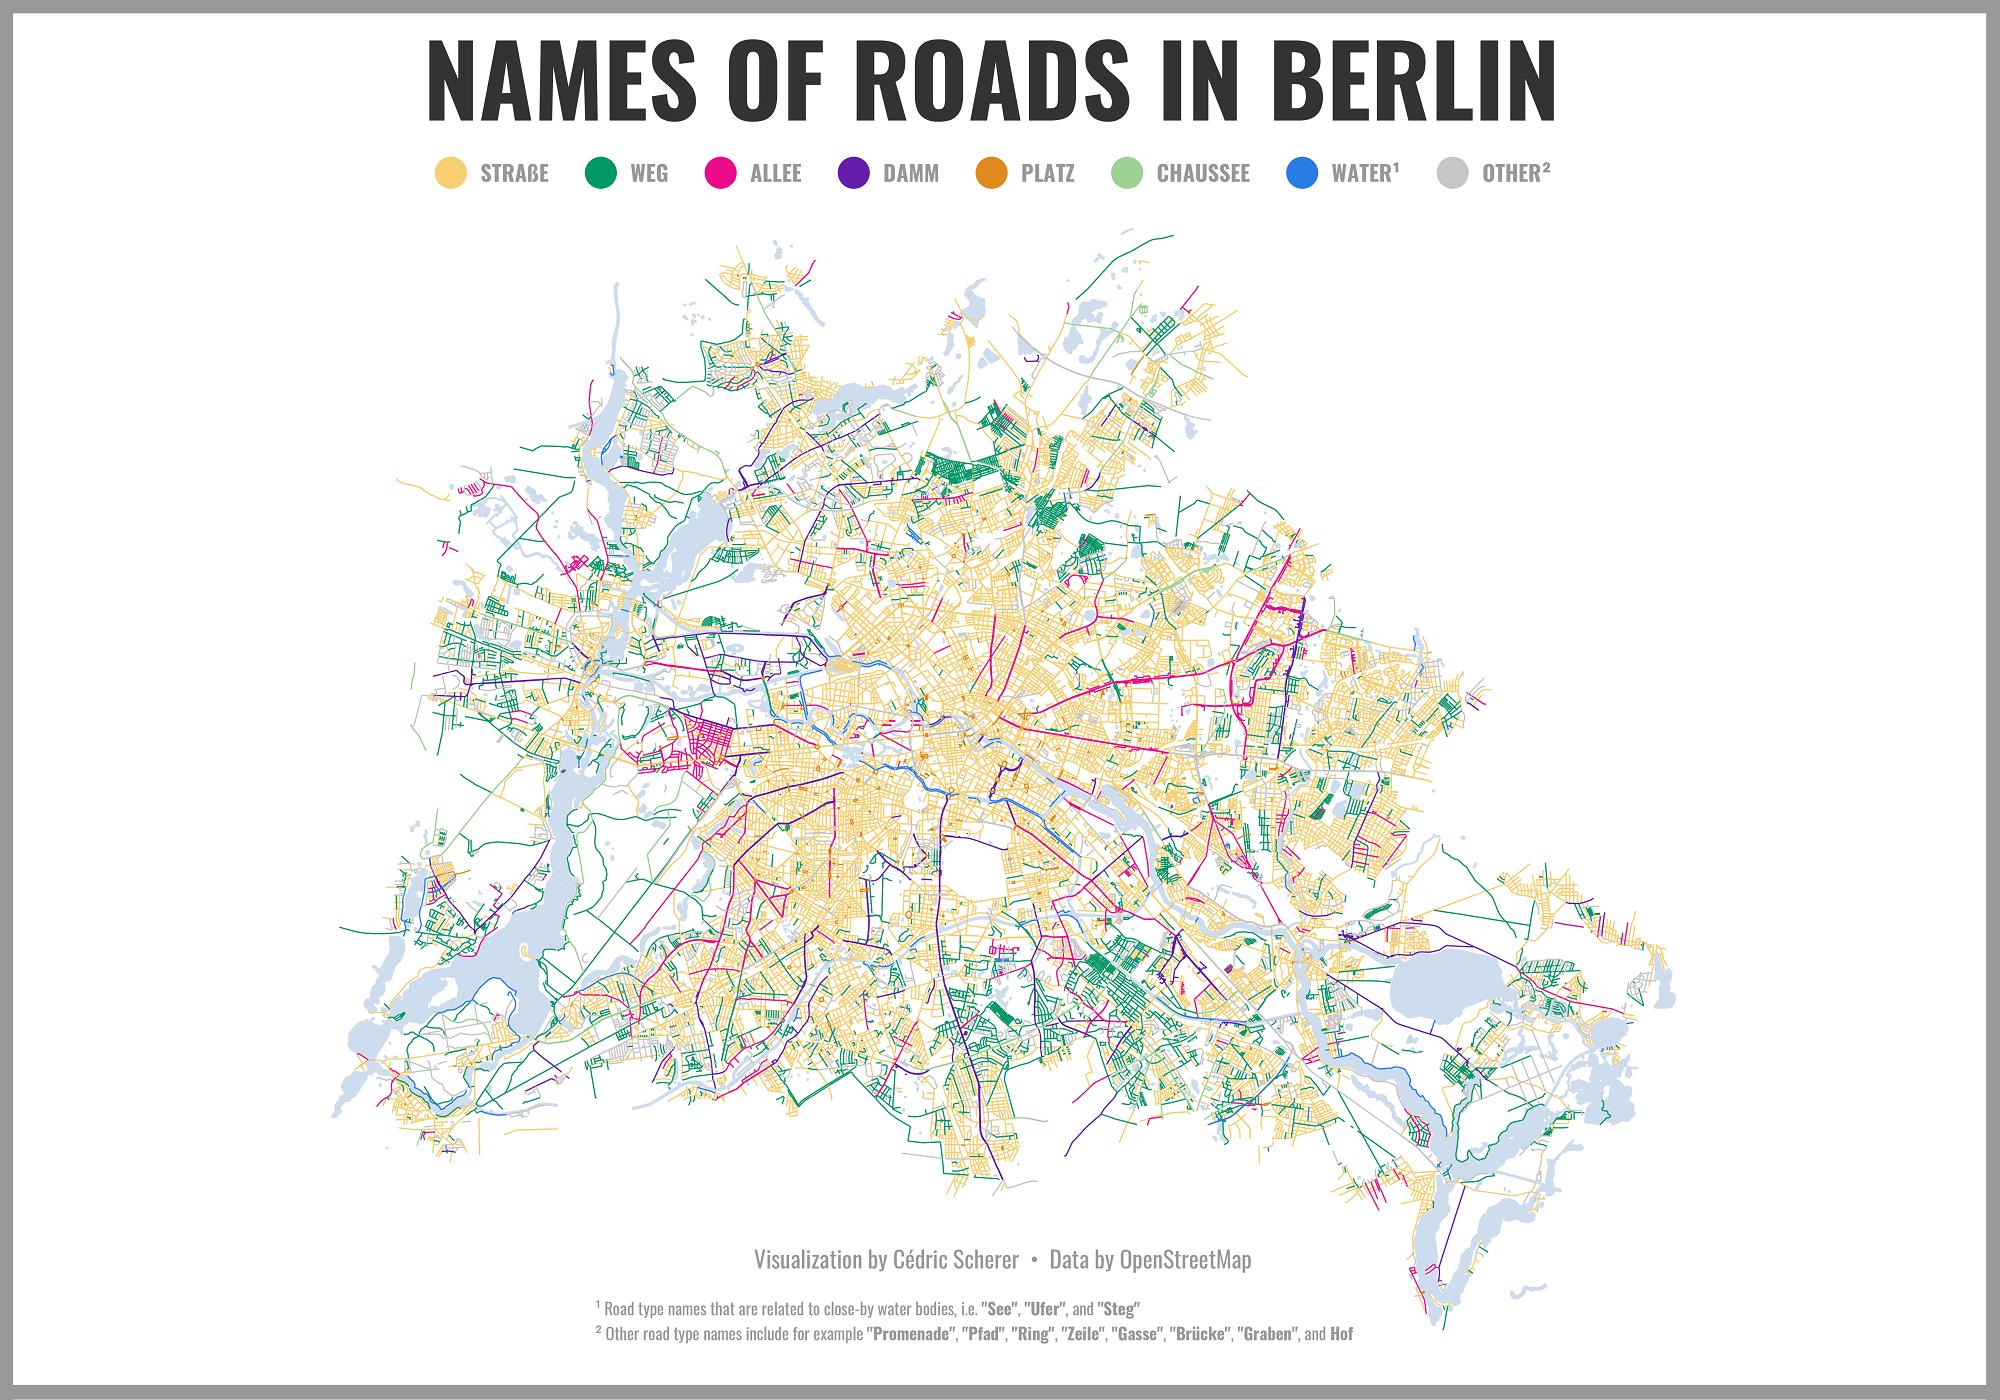 Berlin Road Names